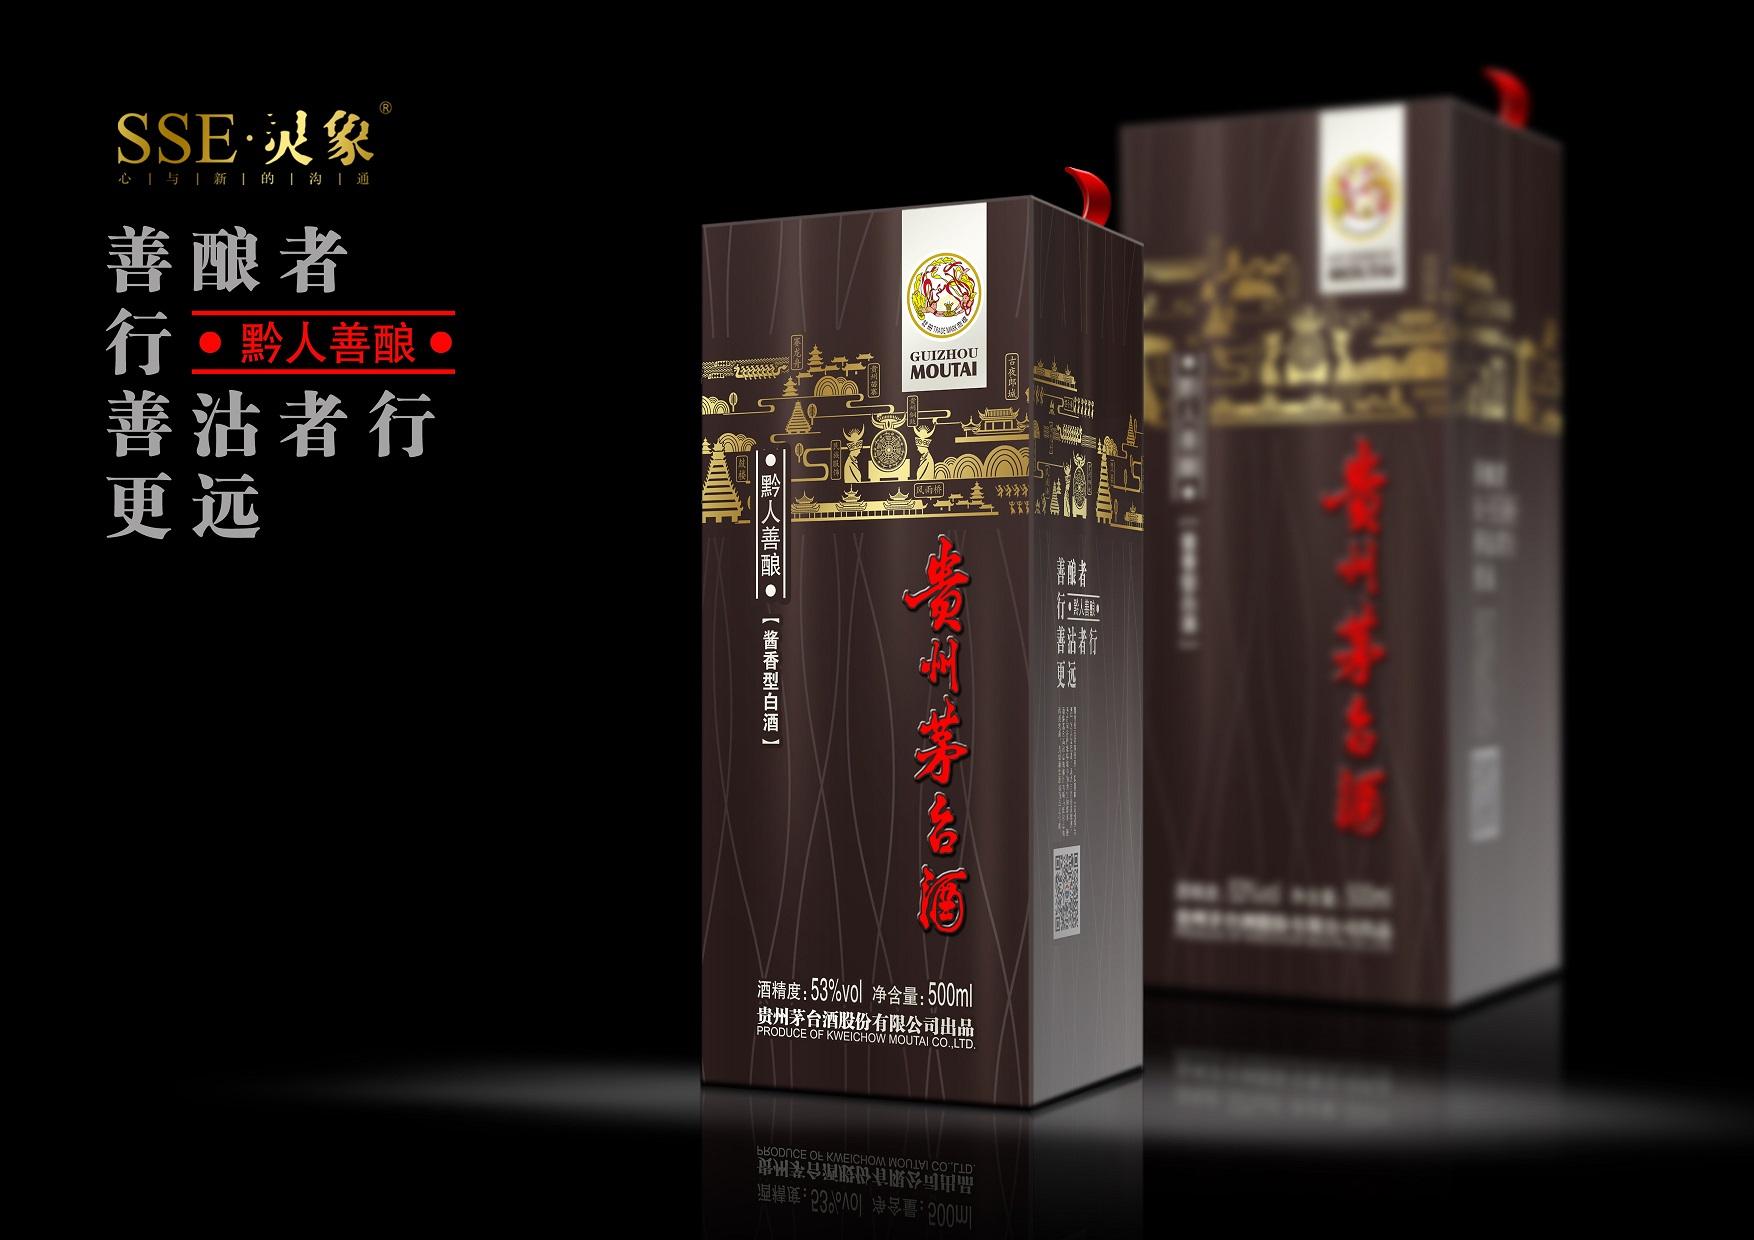 茅台酒新设计 - 品牌vi设计 - 重庆灵象广告有限公司